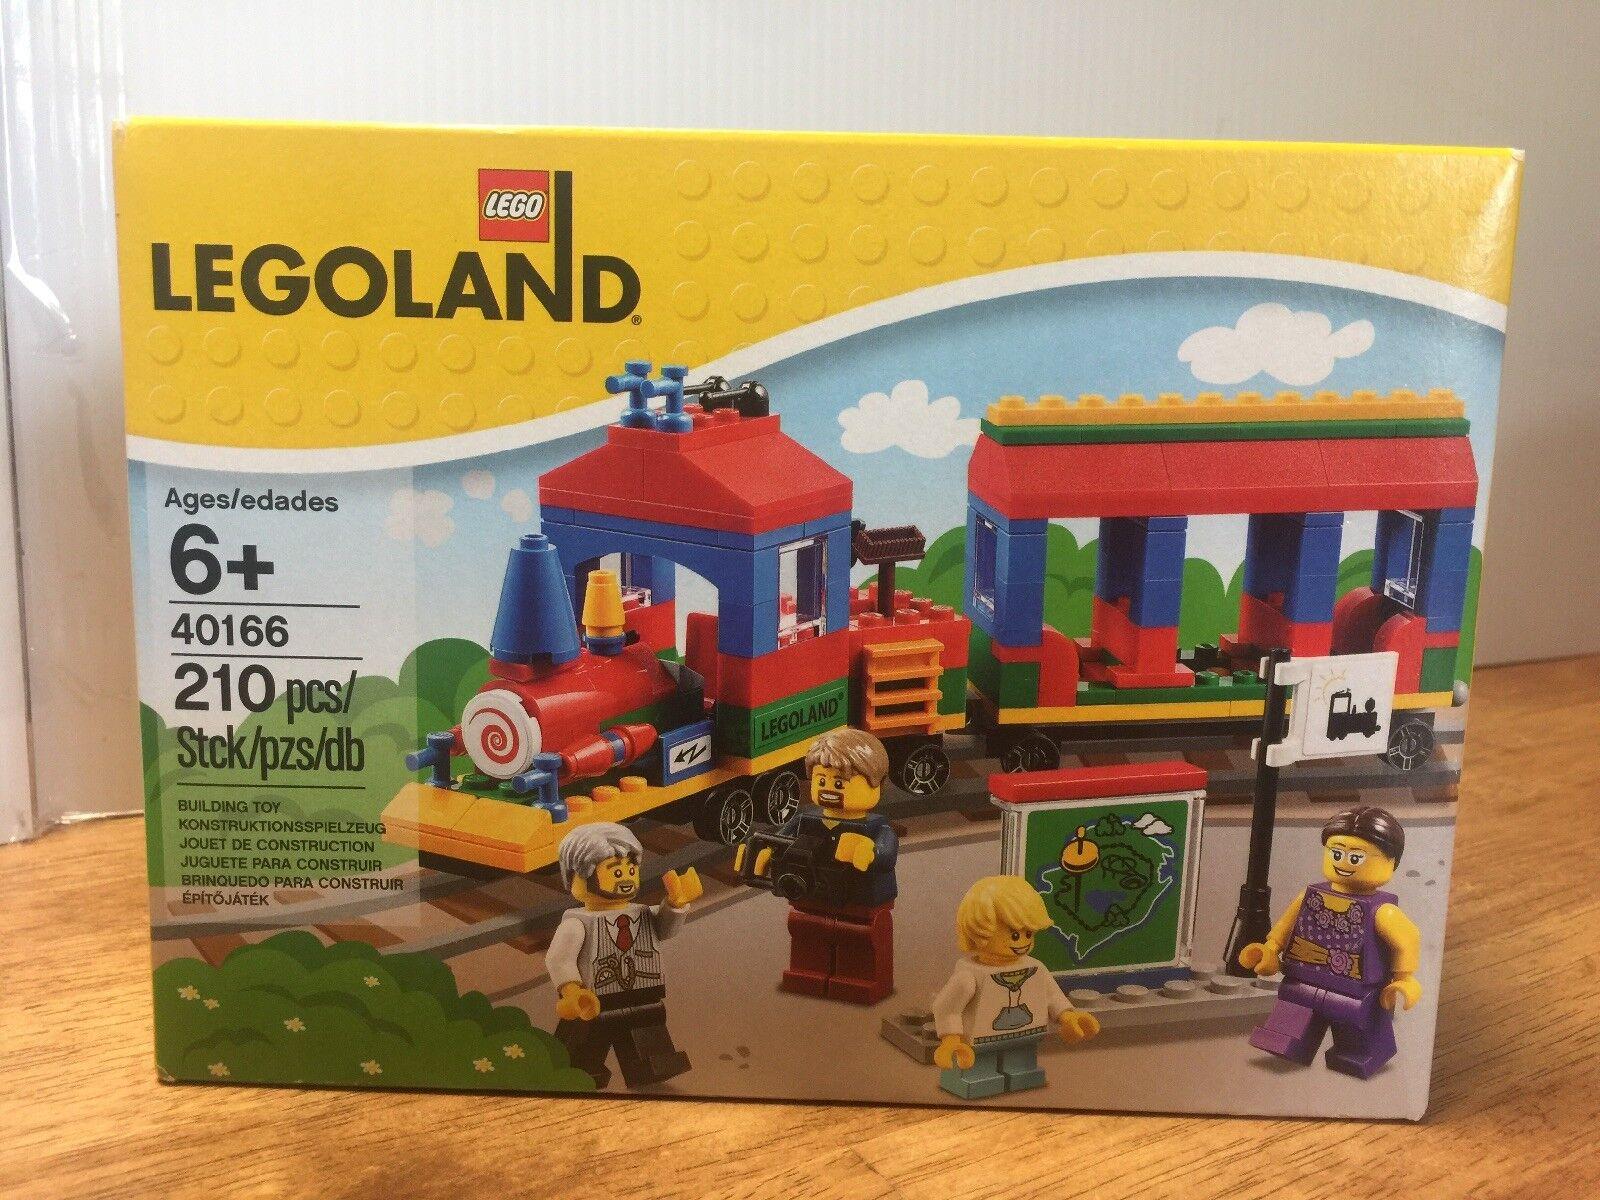 LEGO 40166 Legoland Exclusive Exclusive Exclusive Train New b0f402